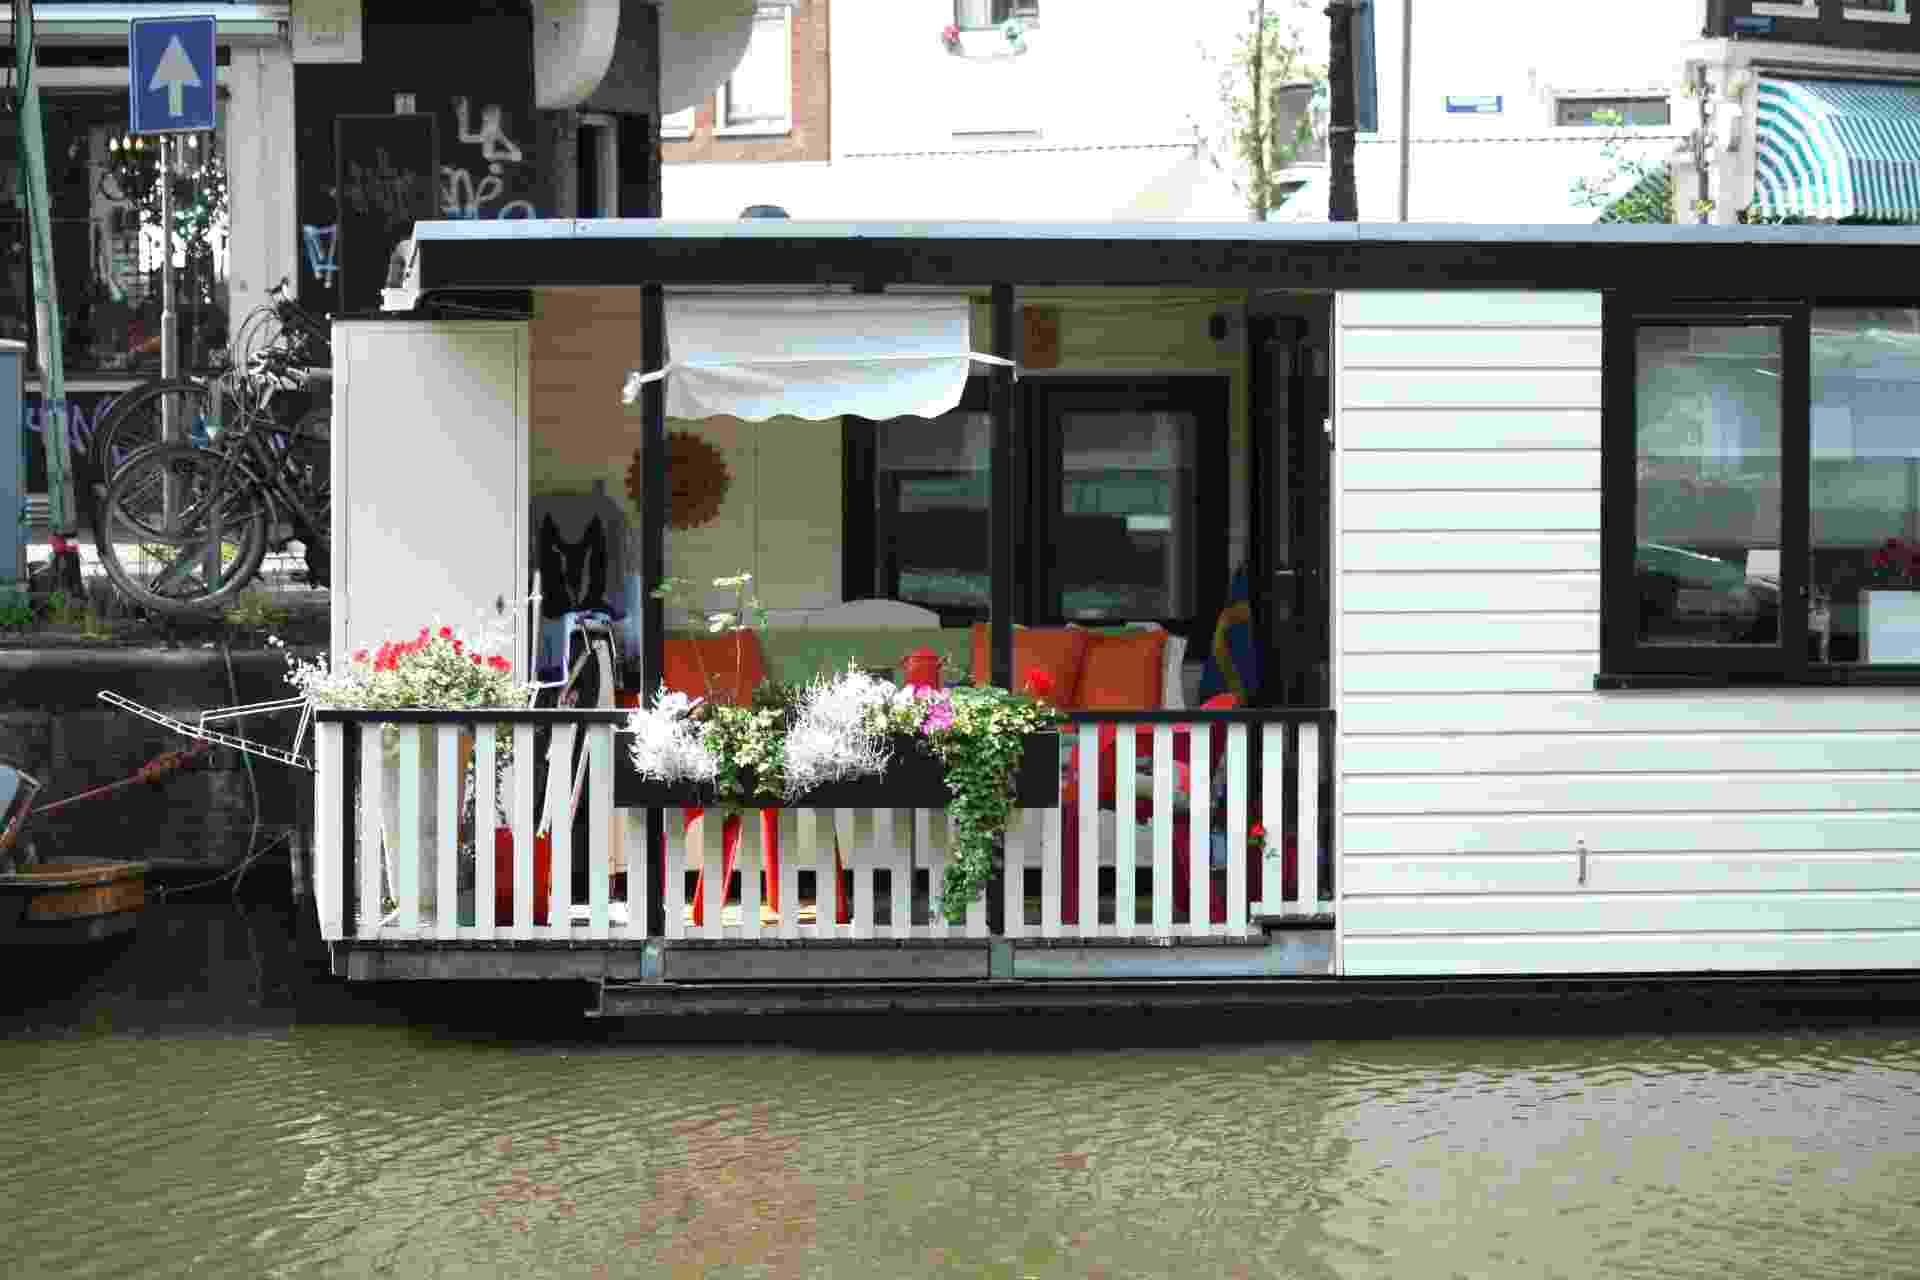 AMSTERDÃ (HOLANDA): Com apenas um quarto, esta casa flutuante está localizada no canal de um dos lugares mais legais de Amsterdã, o bairro de Jordaan, recheado de bons restaurantes, café e ateliês. O local acomoda até três pessoas e oferece living room e cozinha. - Divulgação/TripAdvisor